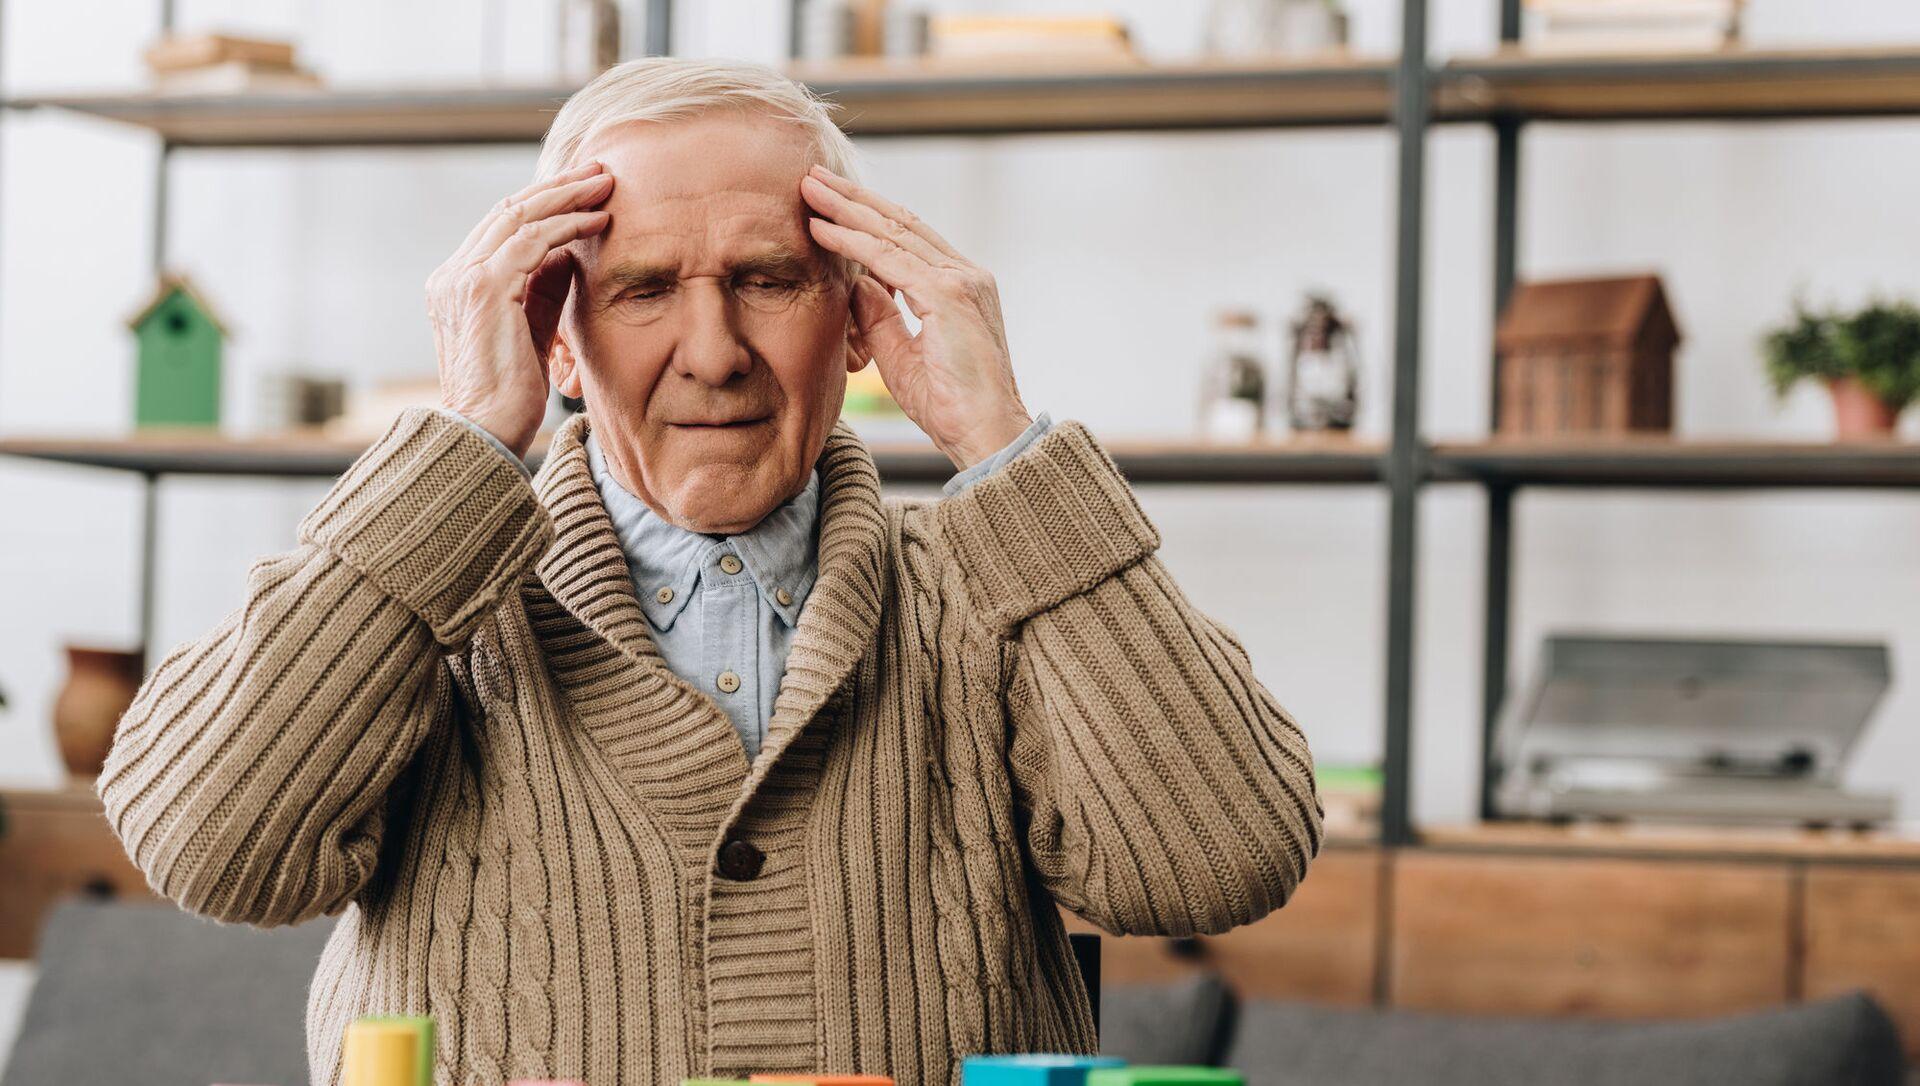 Starszy mężczyzna z bólem głowy - Sputnik Polska, 1920, 13.02.2021